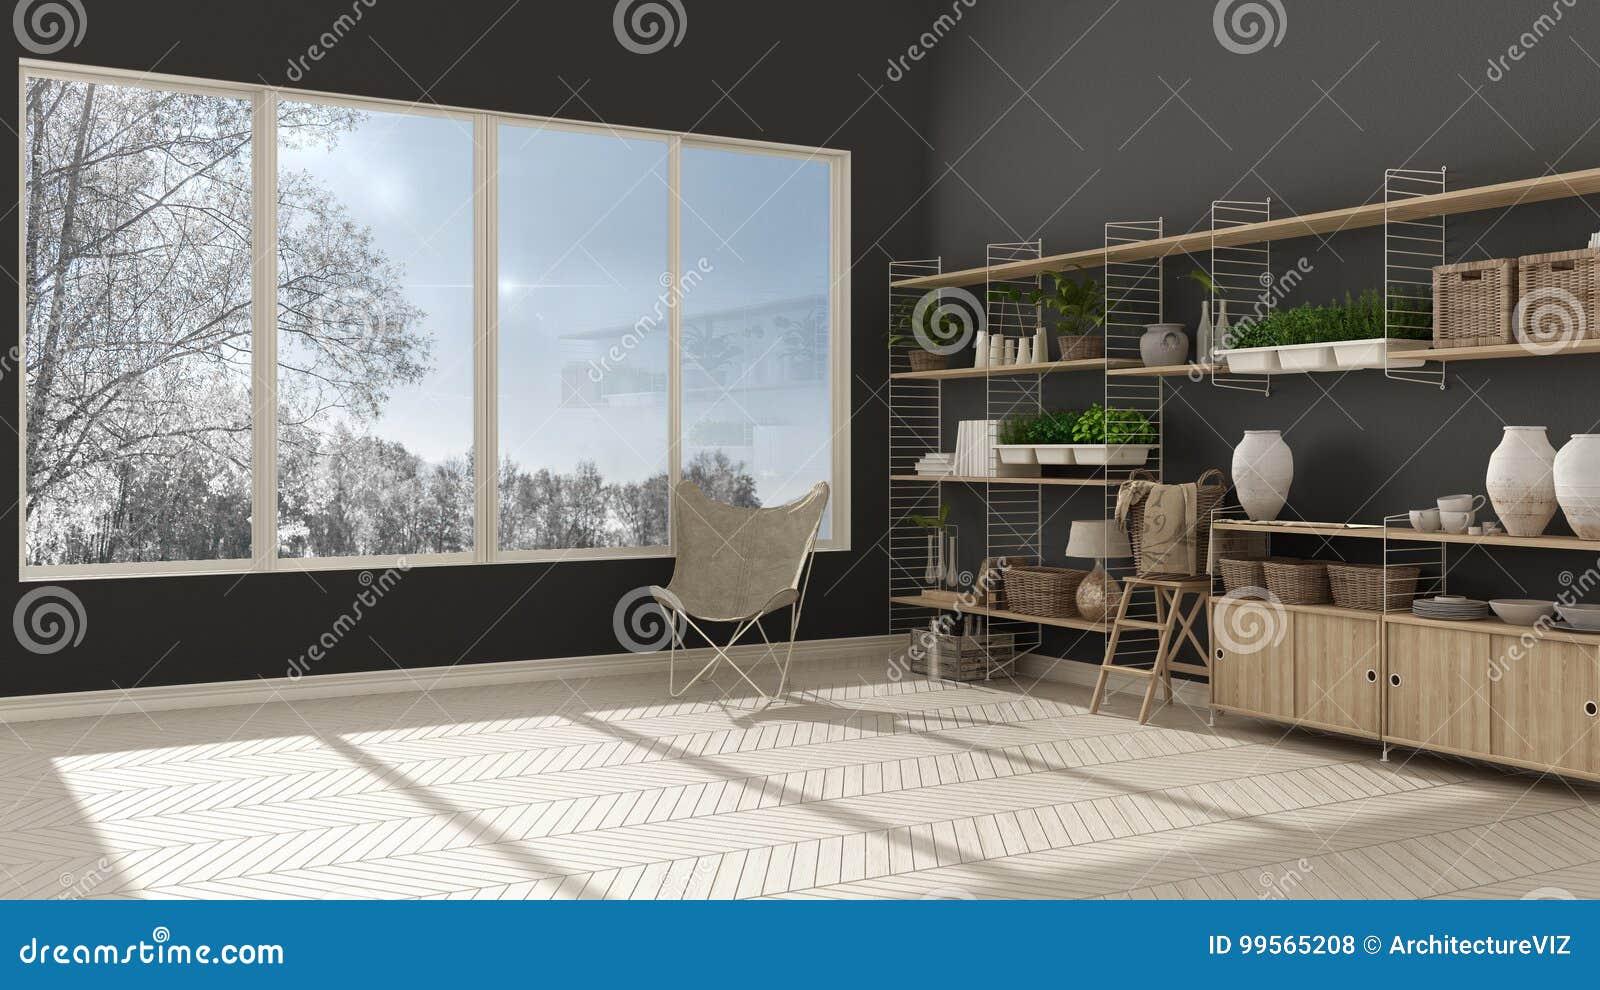 Scaffalature In Legno Per Libri.Interior Design Bianco E Grigio Di Eco Con Lo Scaffale Per Libri